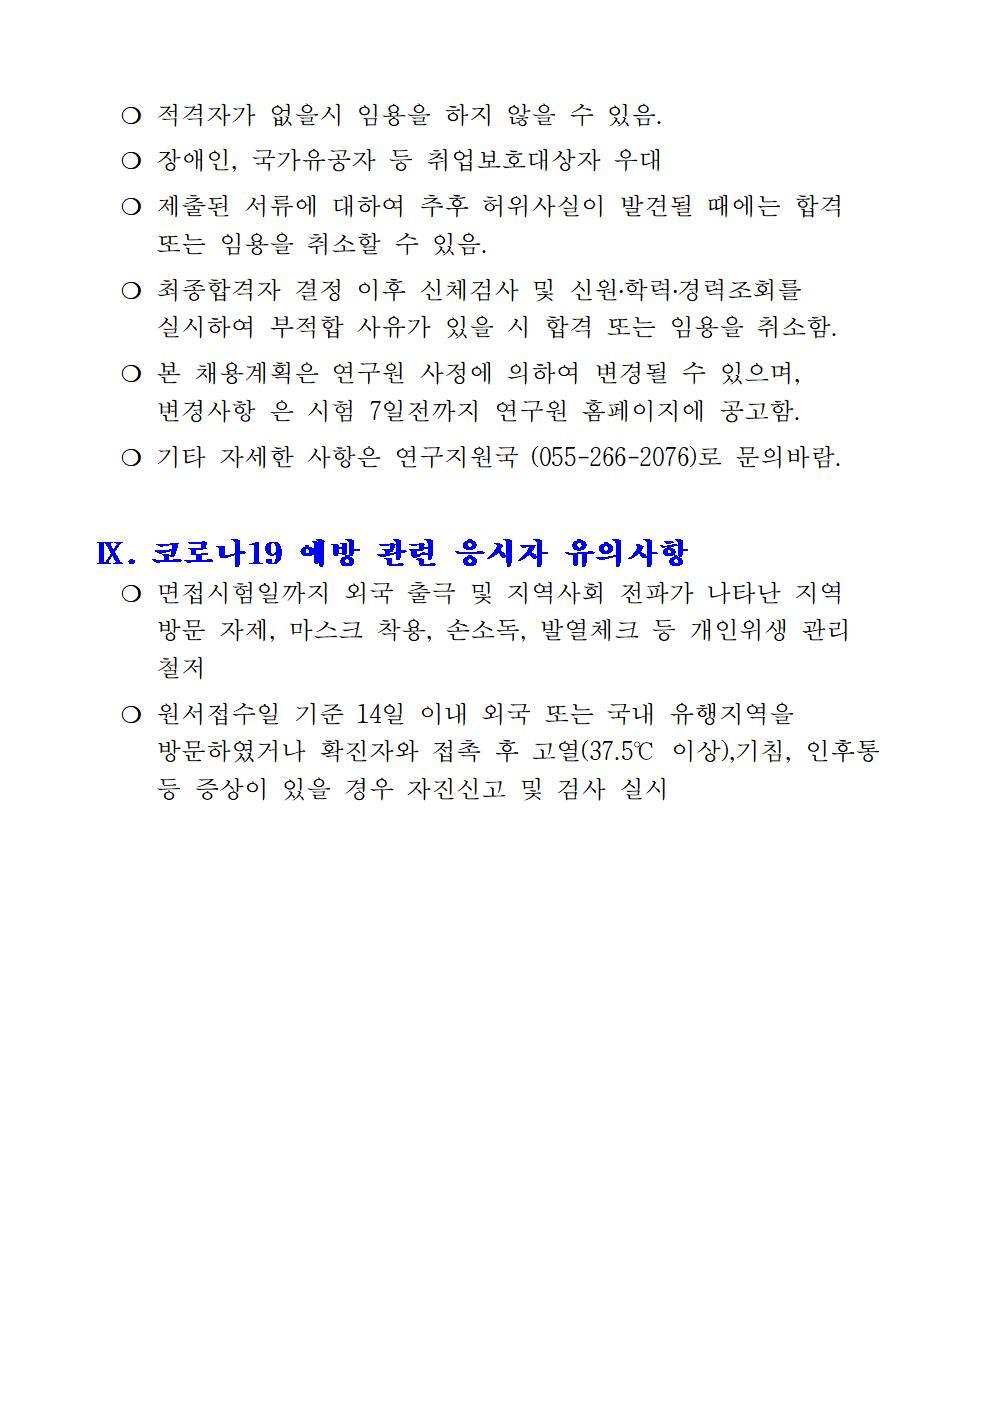 문화콘텐츠산업정책 재공고006